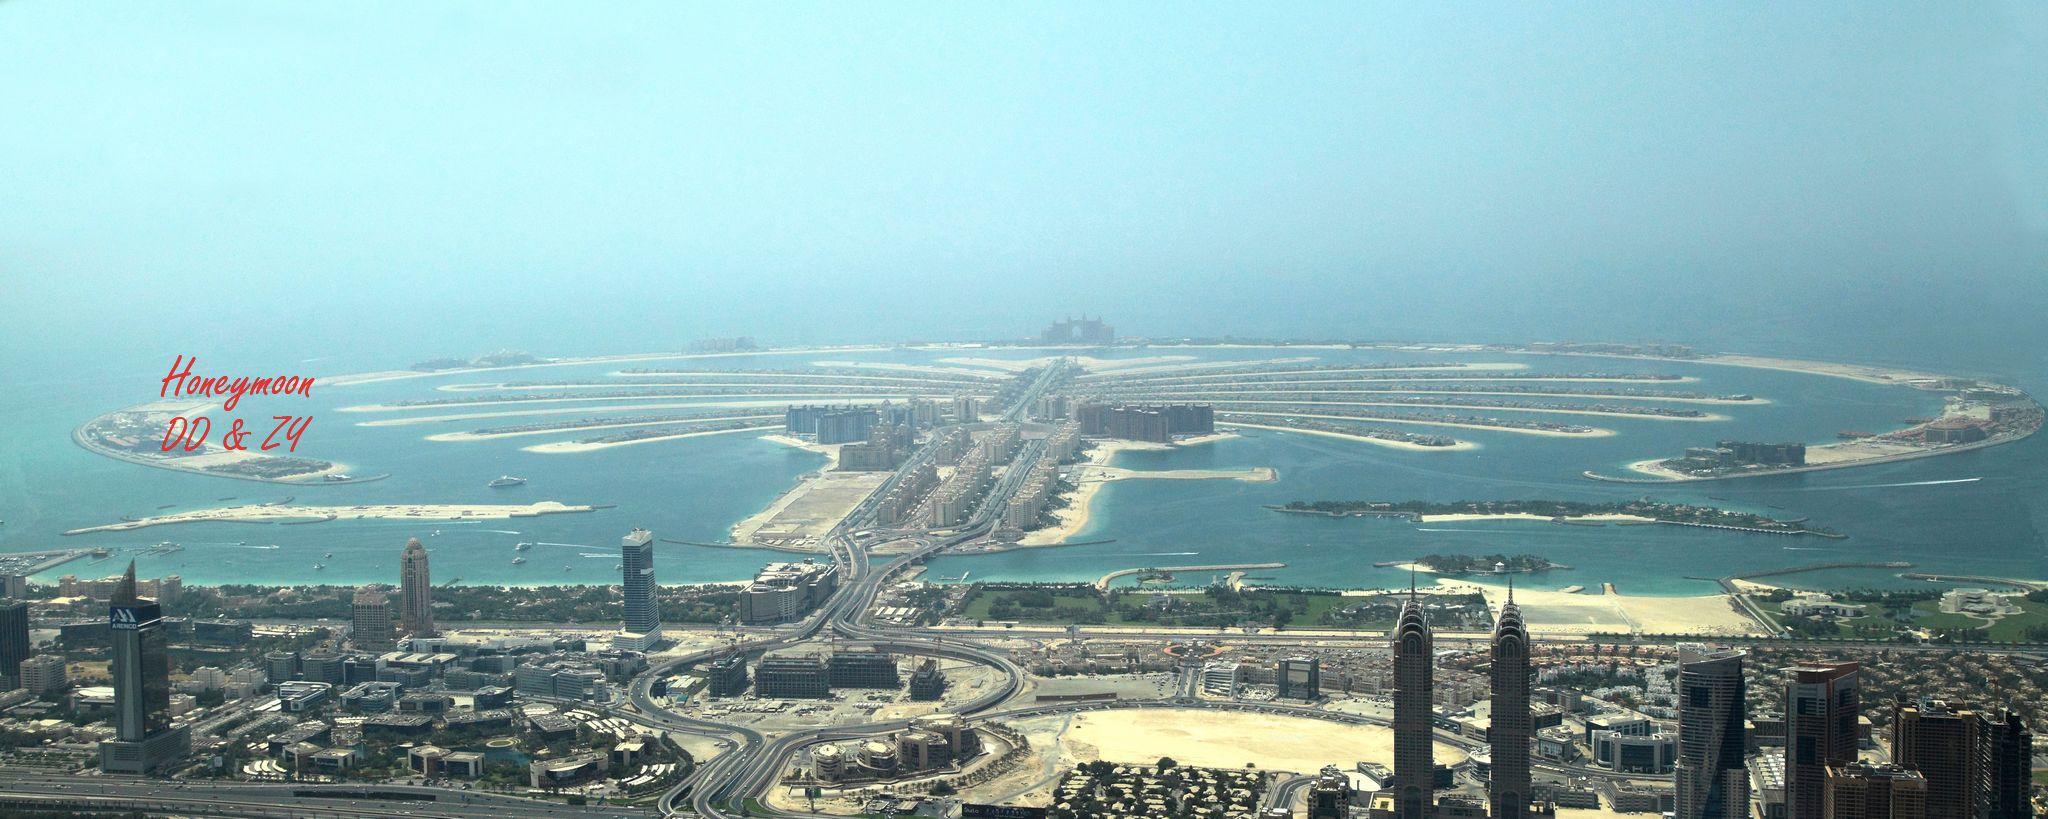 就是坐水上飞机绕迪拜主城转一圈